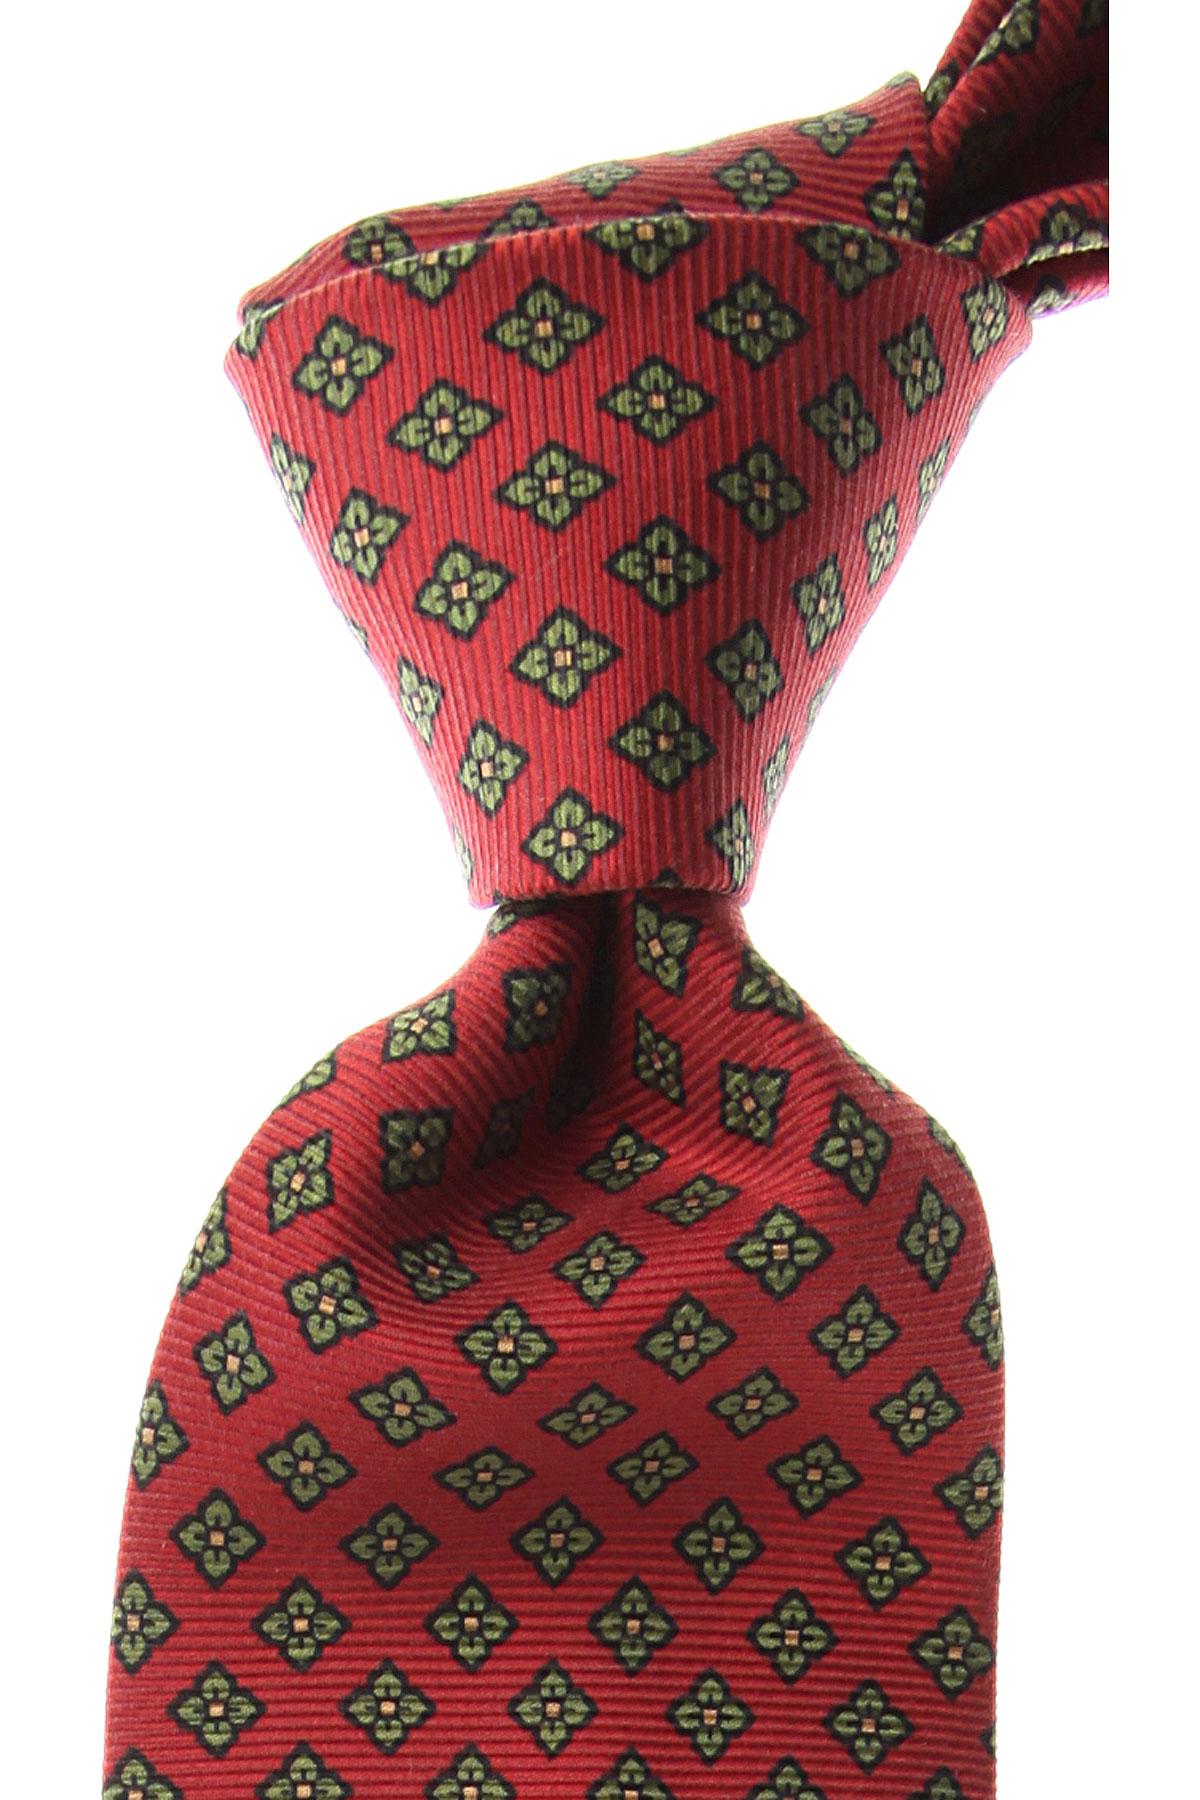 Marinella Cravates Pas cher en Soldes, Rouge brique, Soie, 2017